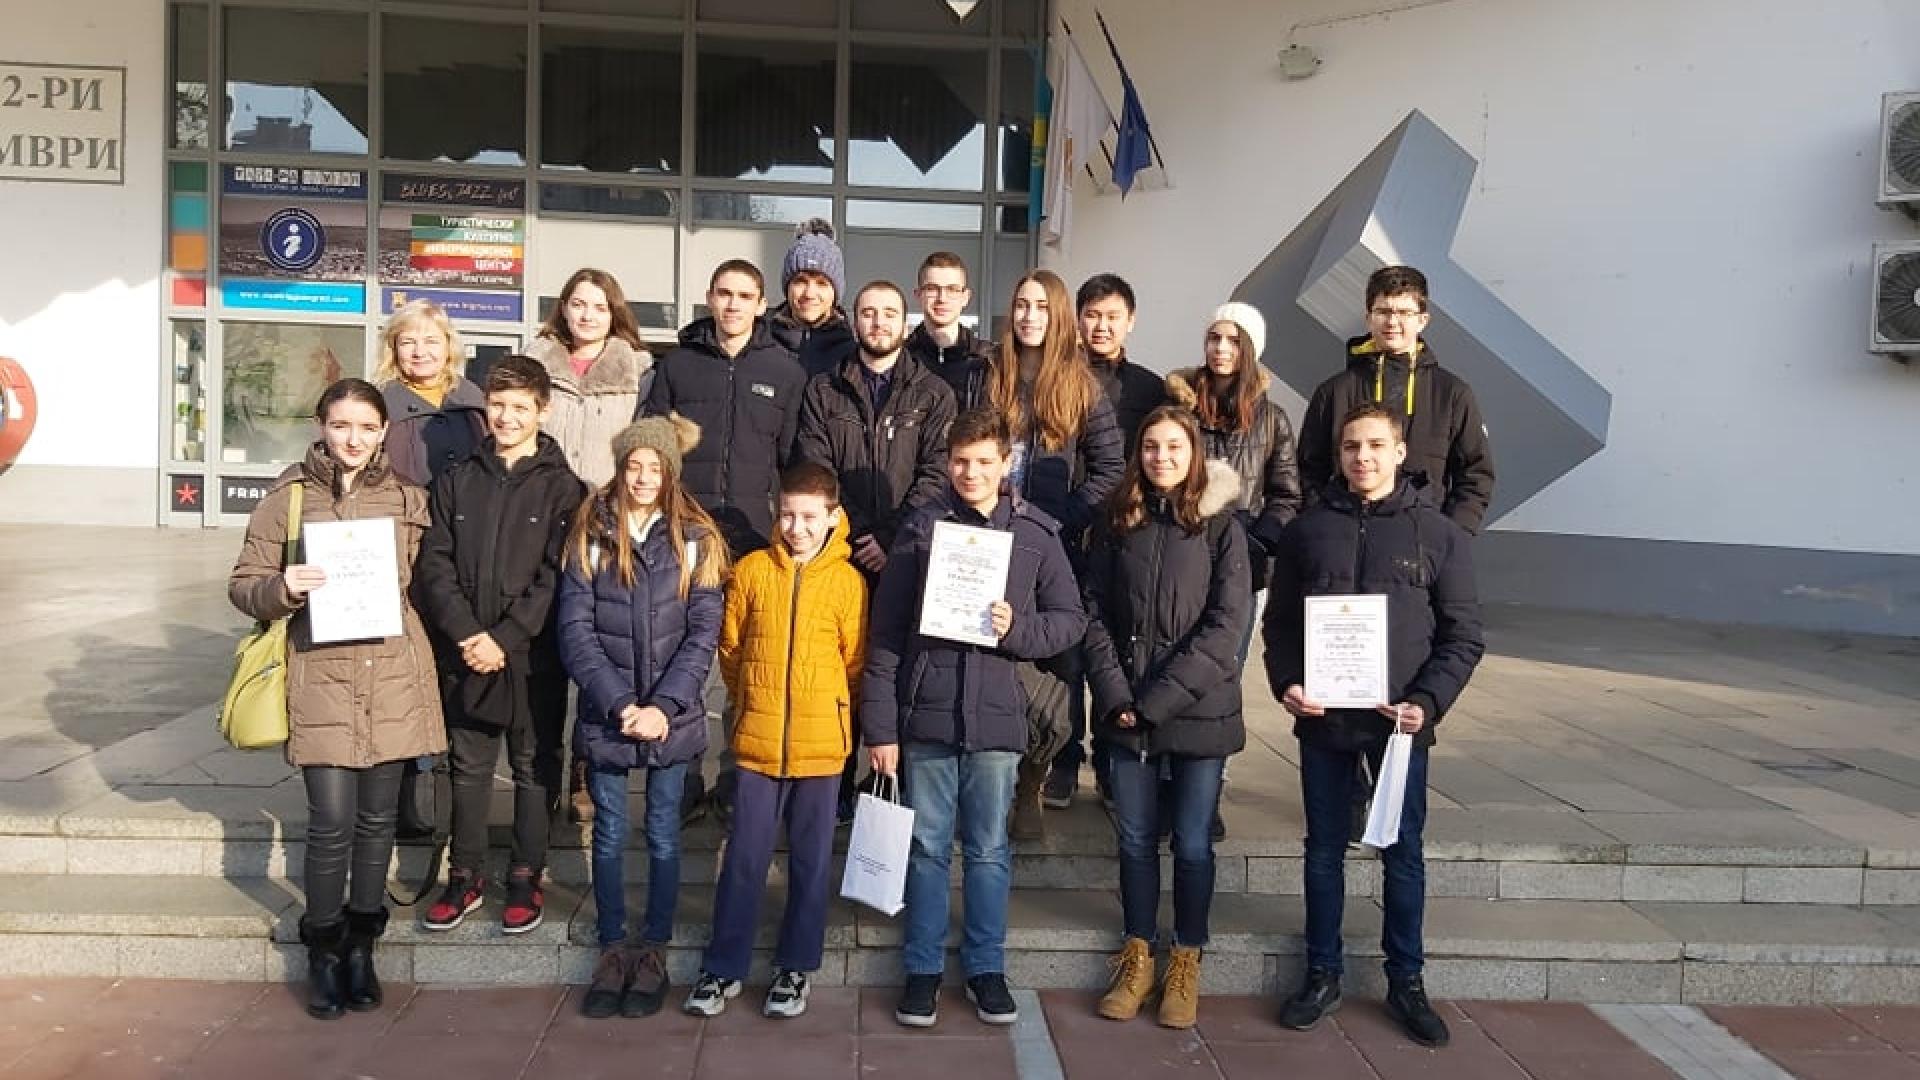 Призови места за русенски ученици от Националното състезание по лингвистика в Благоевград